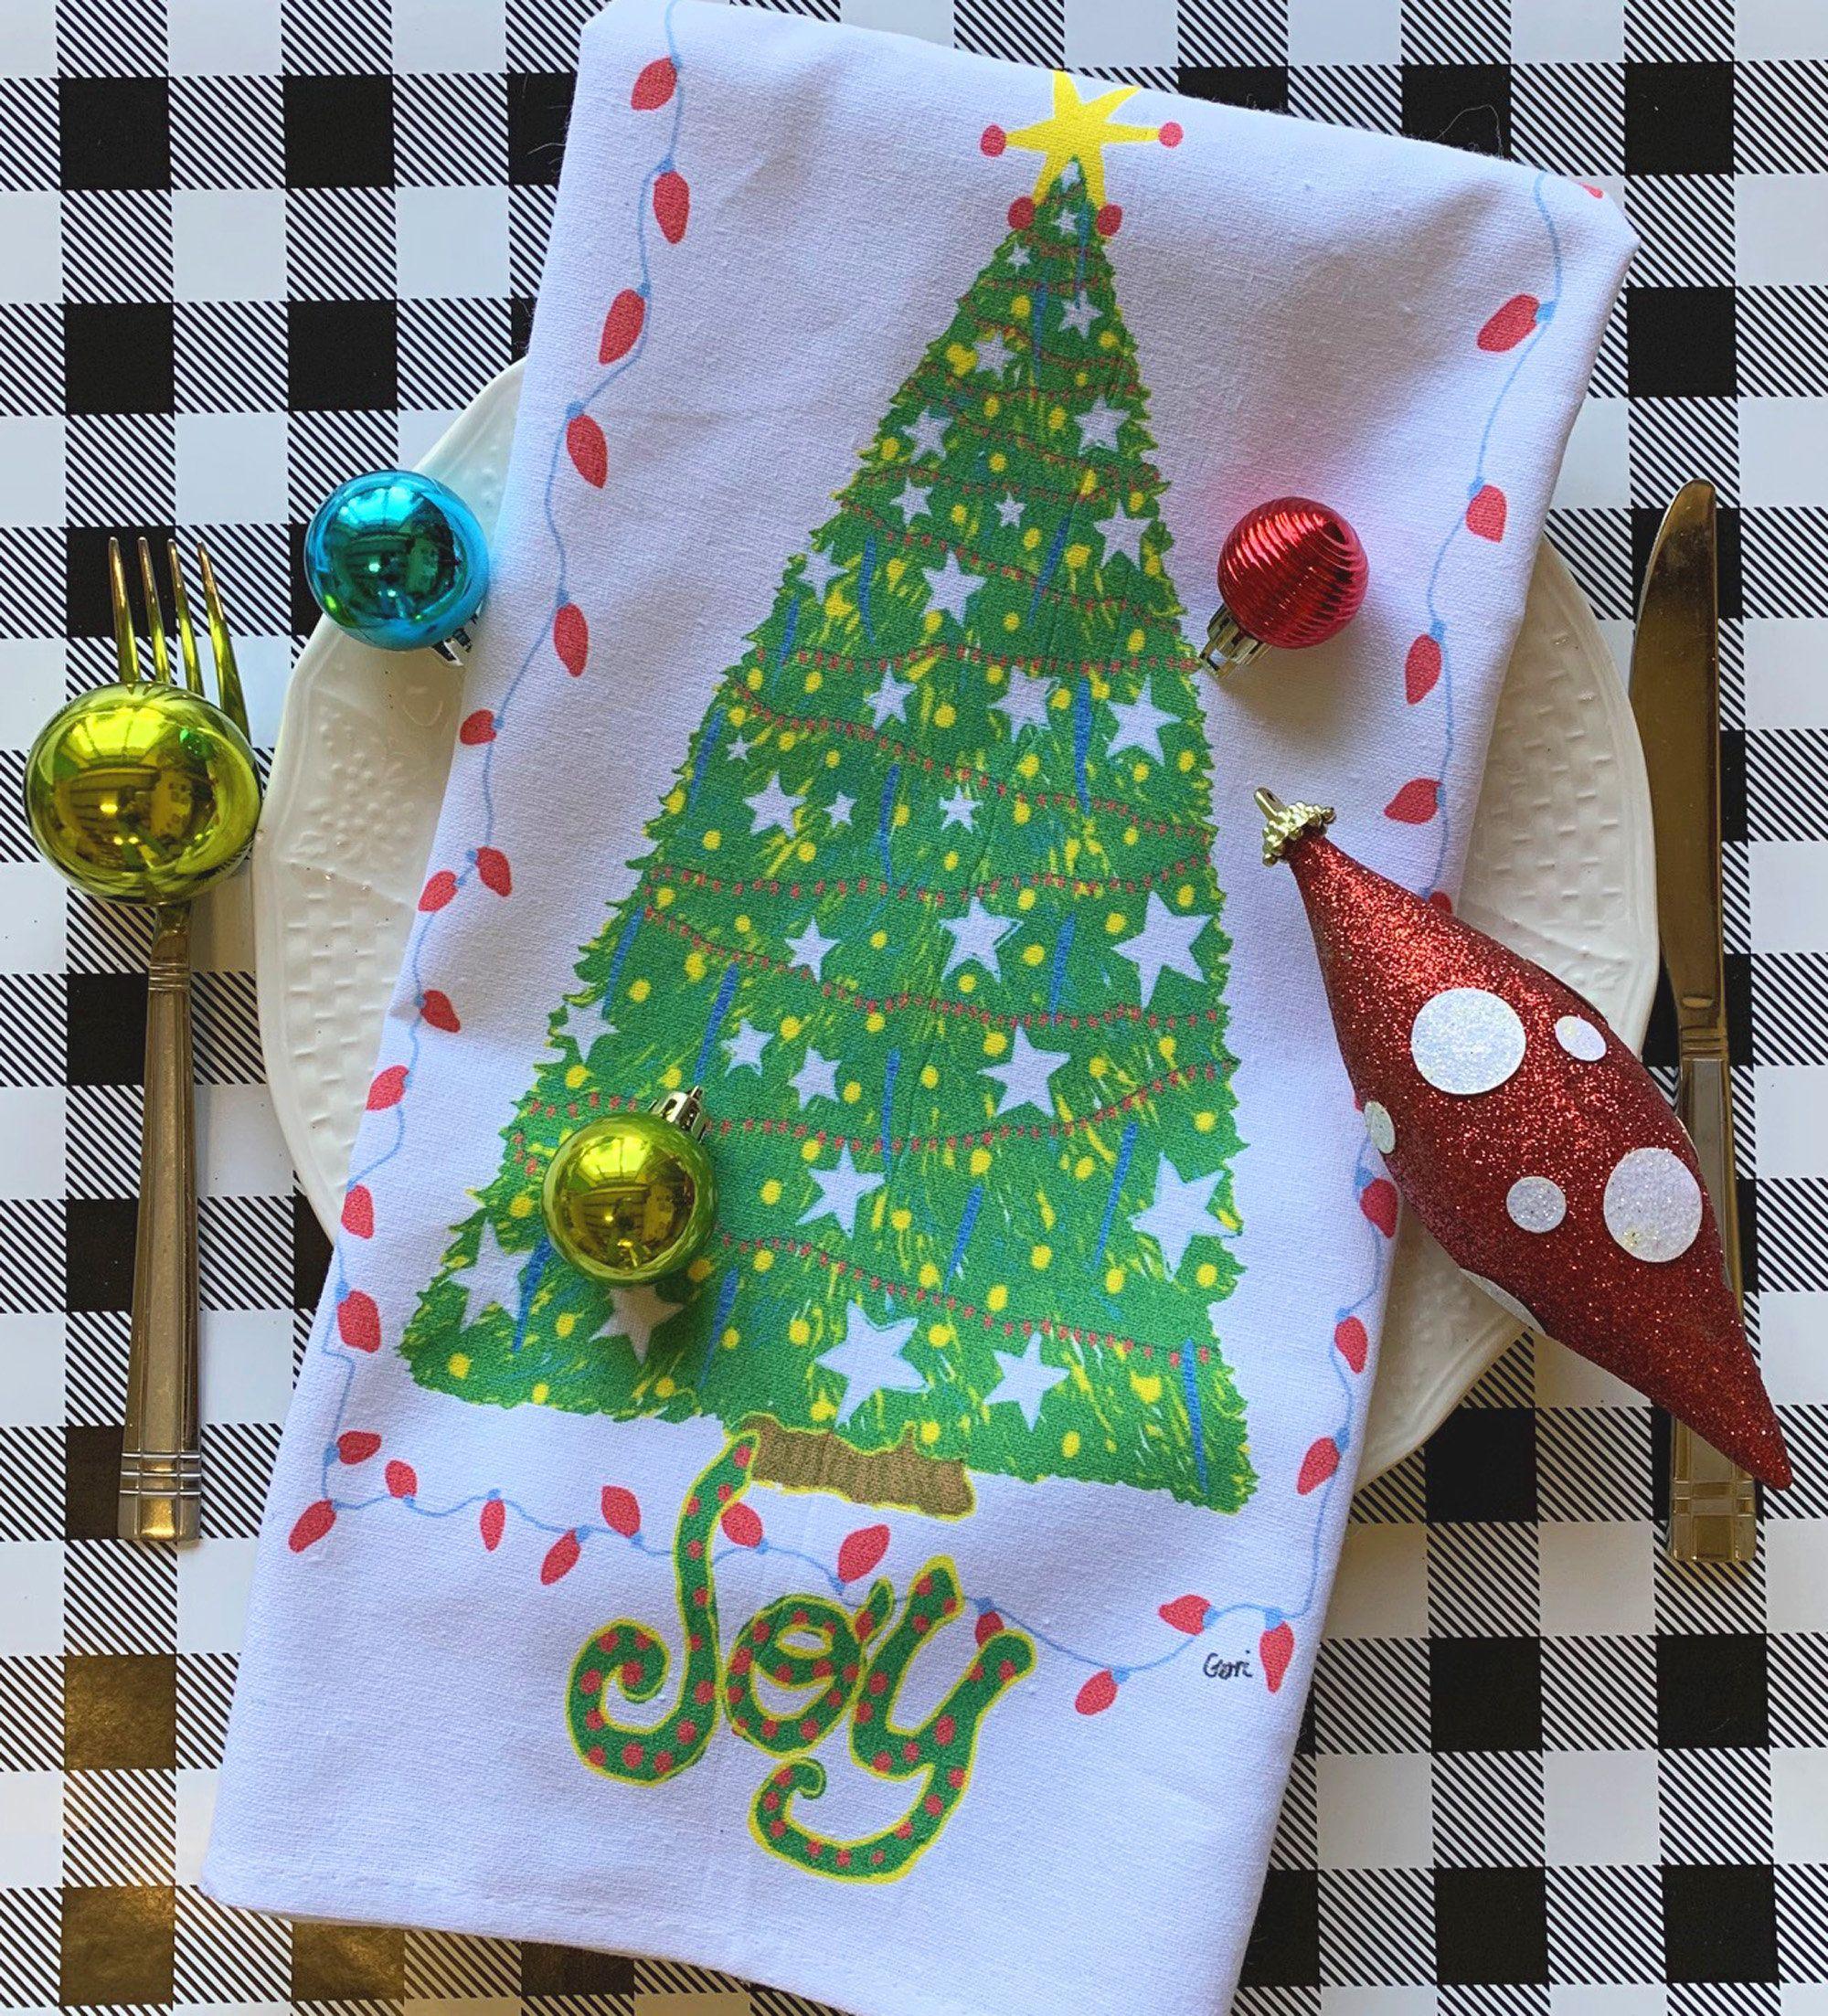 Christmas Tea Towel, Teacher Gift Idea, 22 x 32